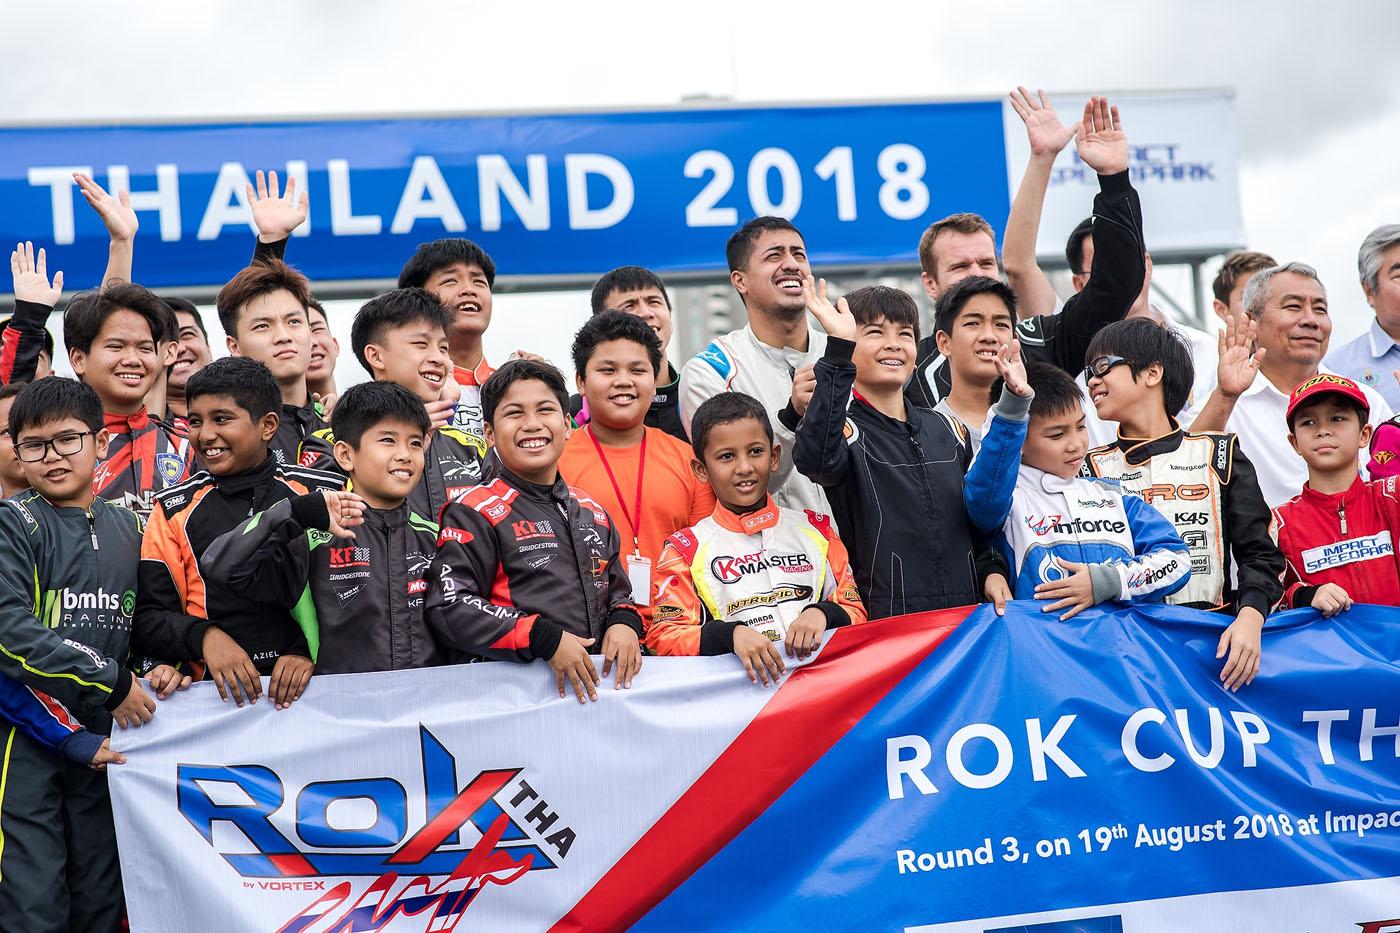 Rokcup Round 3